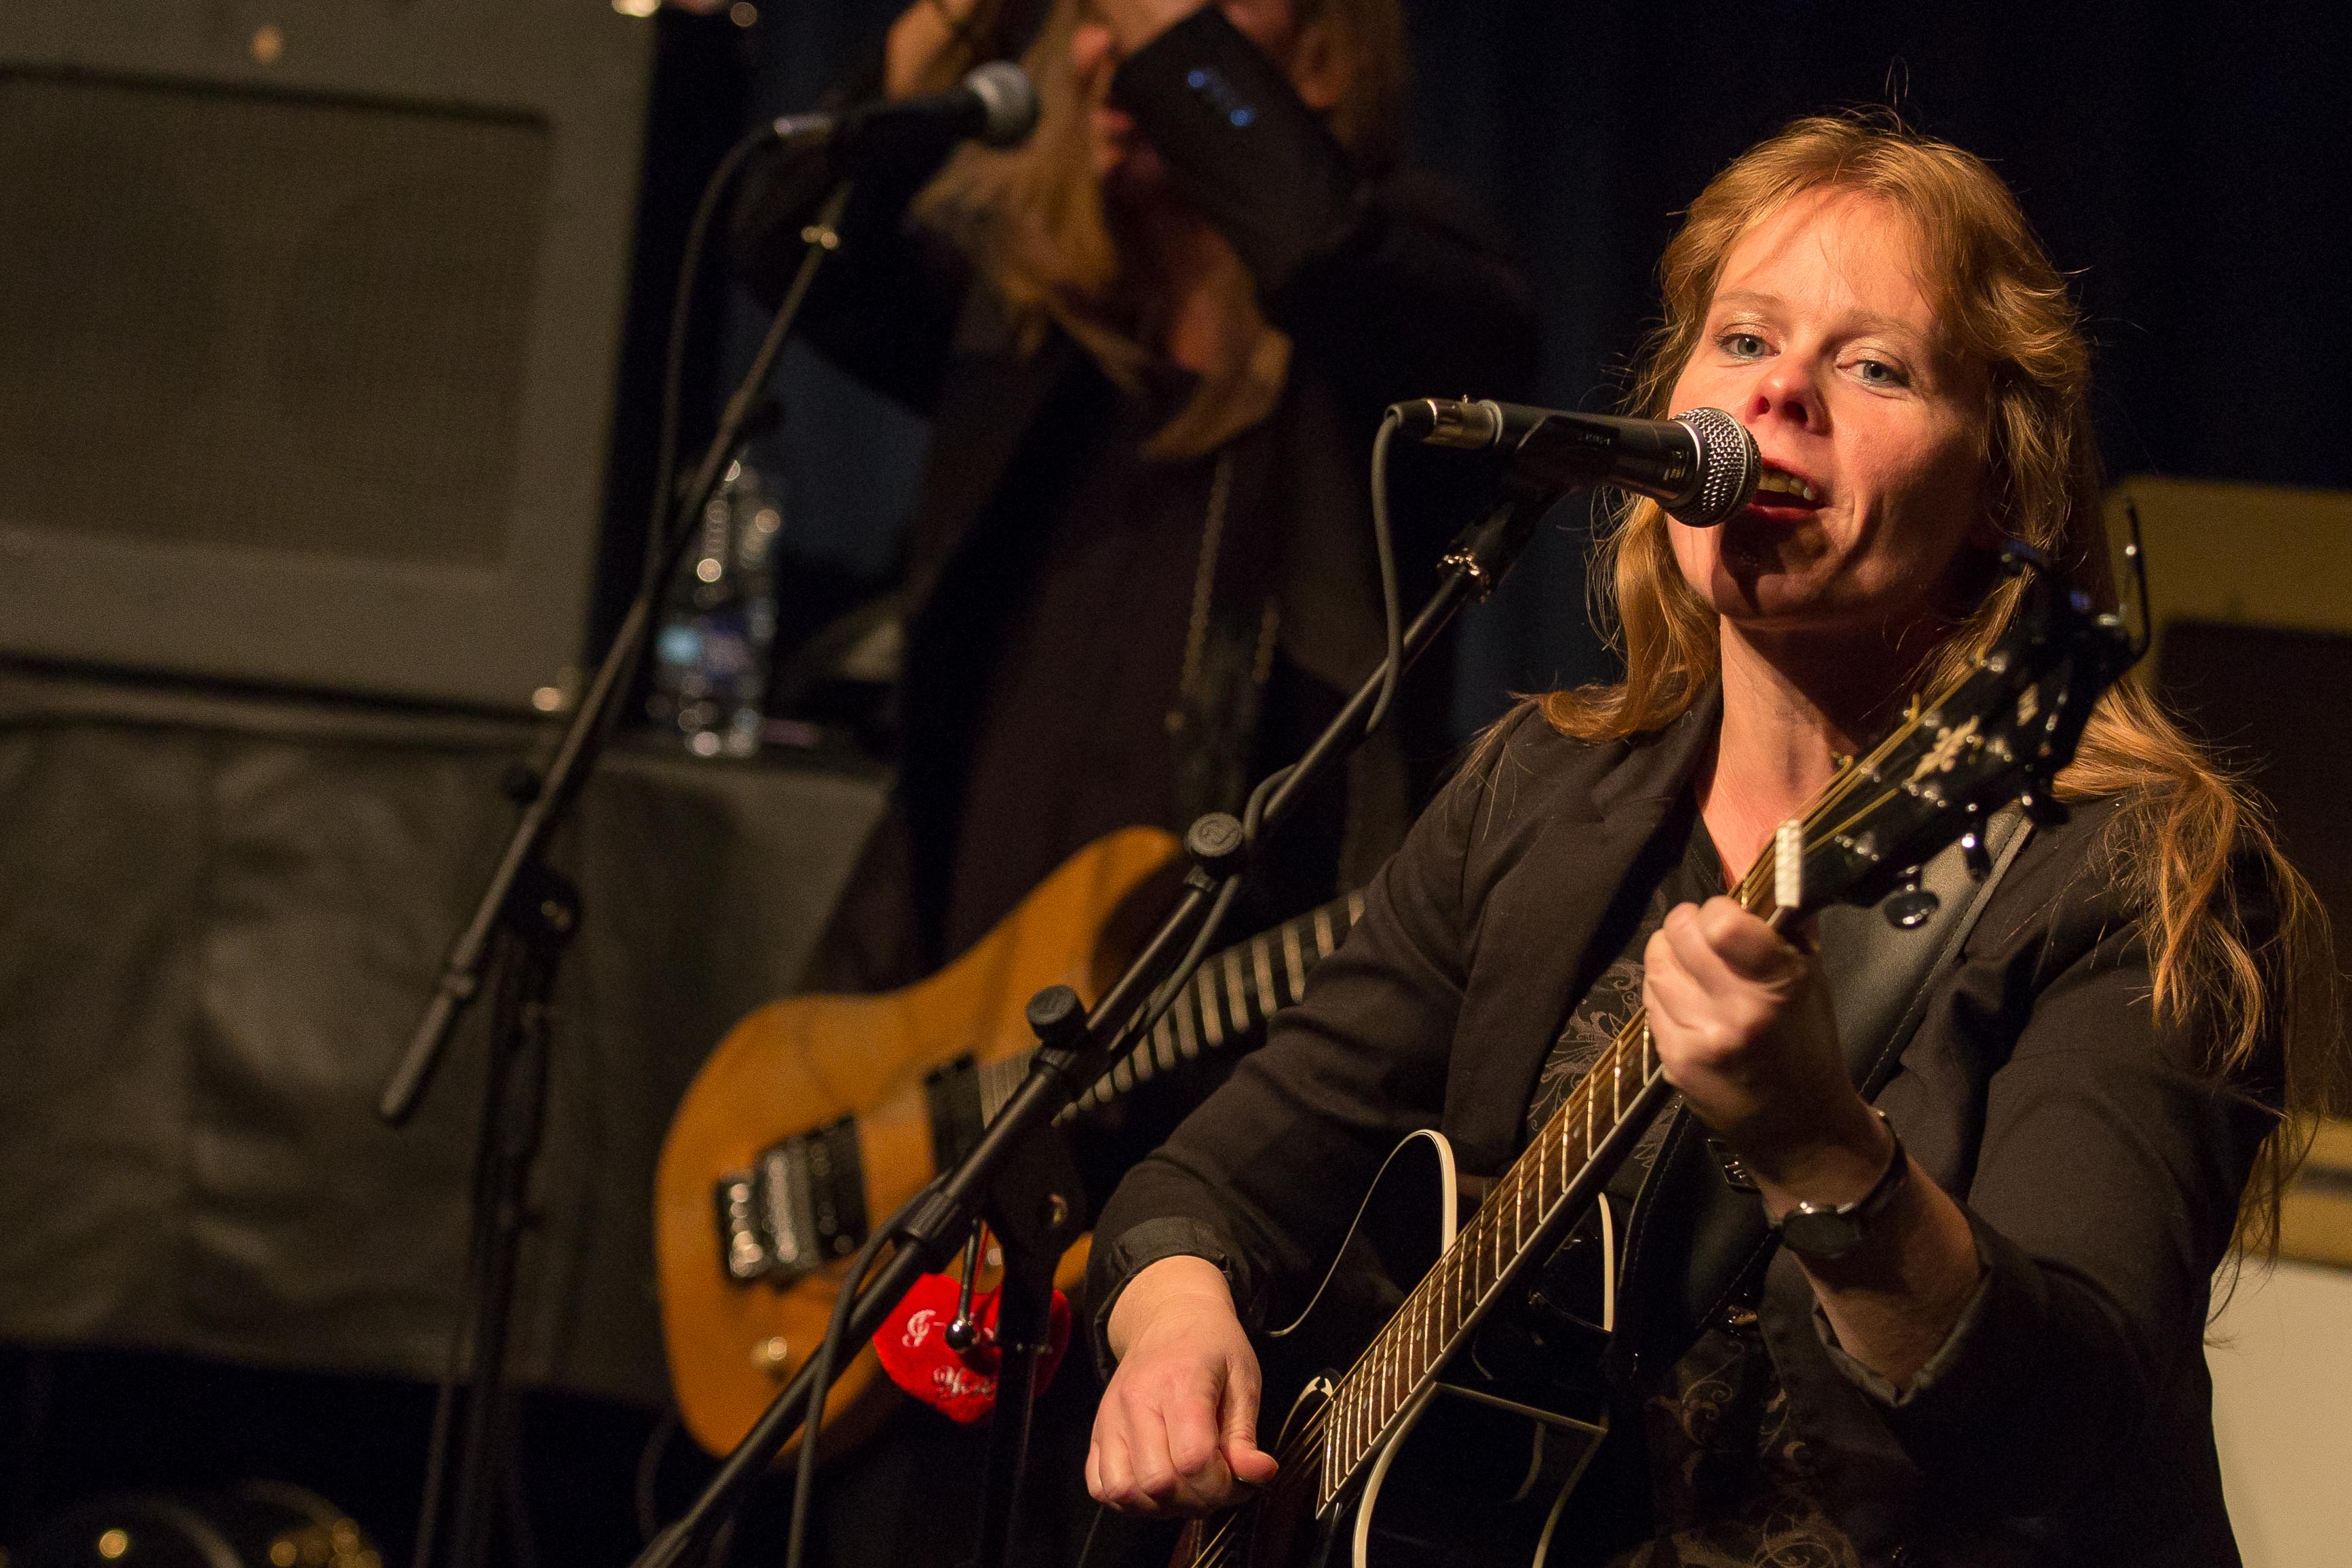 June Beltoft, musician, singer and songwriter